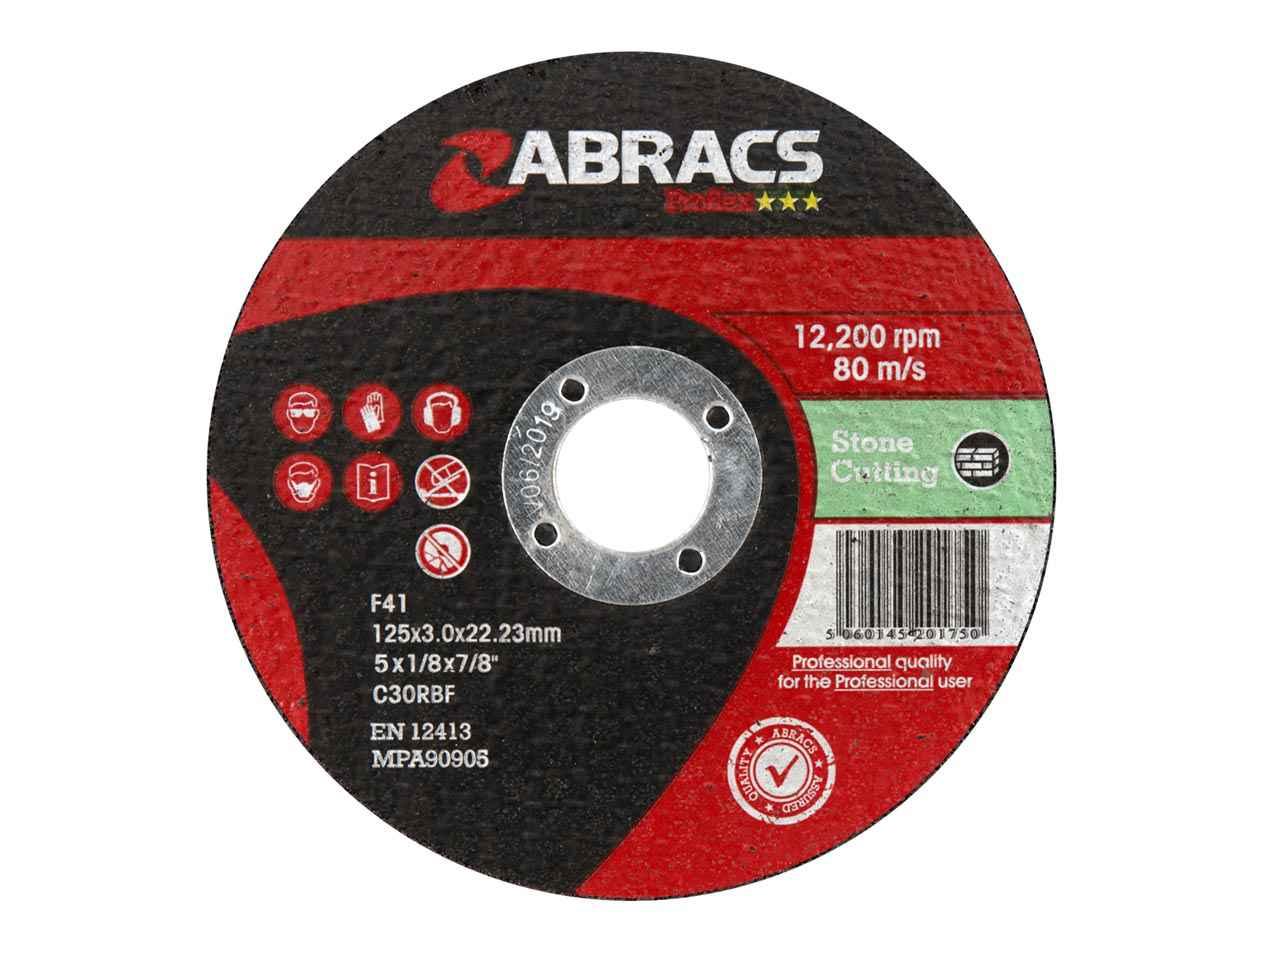 Abracs_PF12530FS.jpg